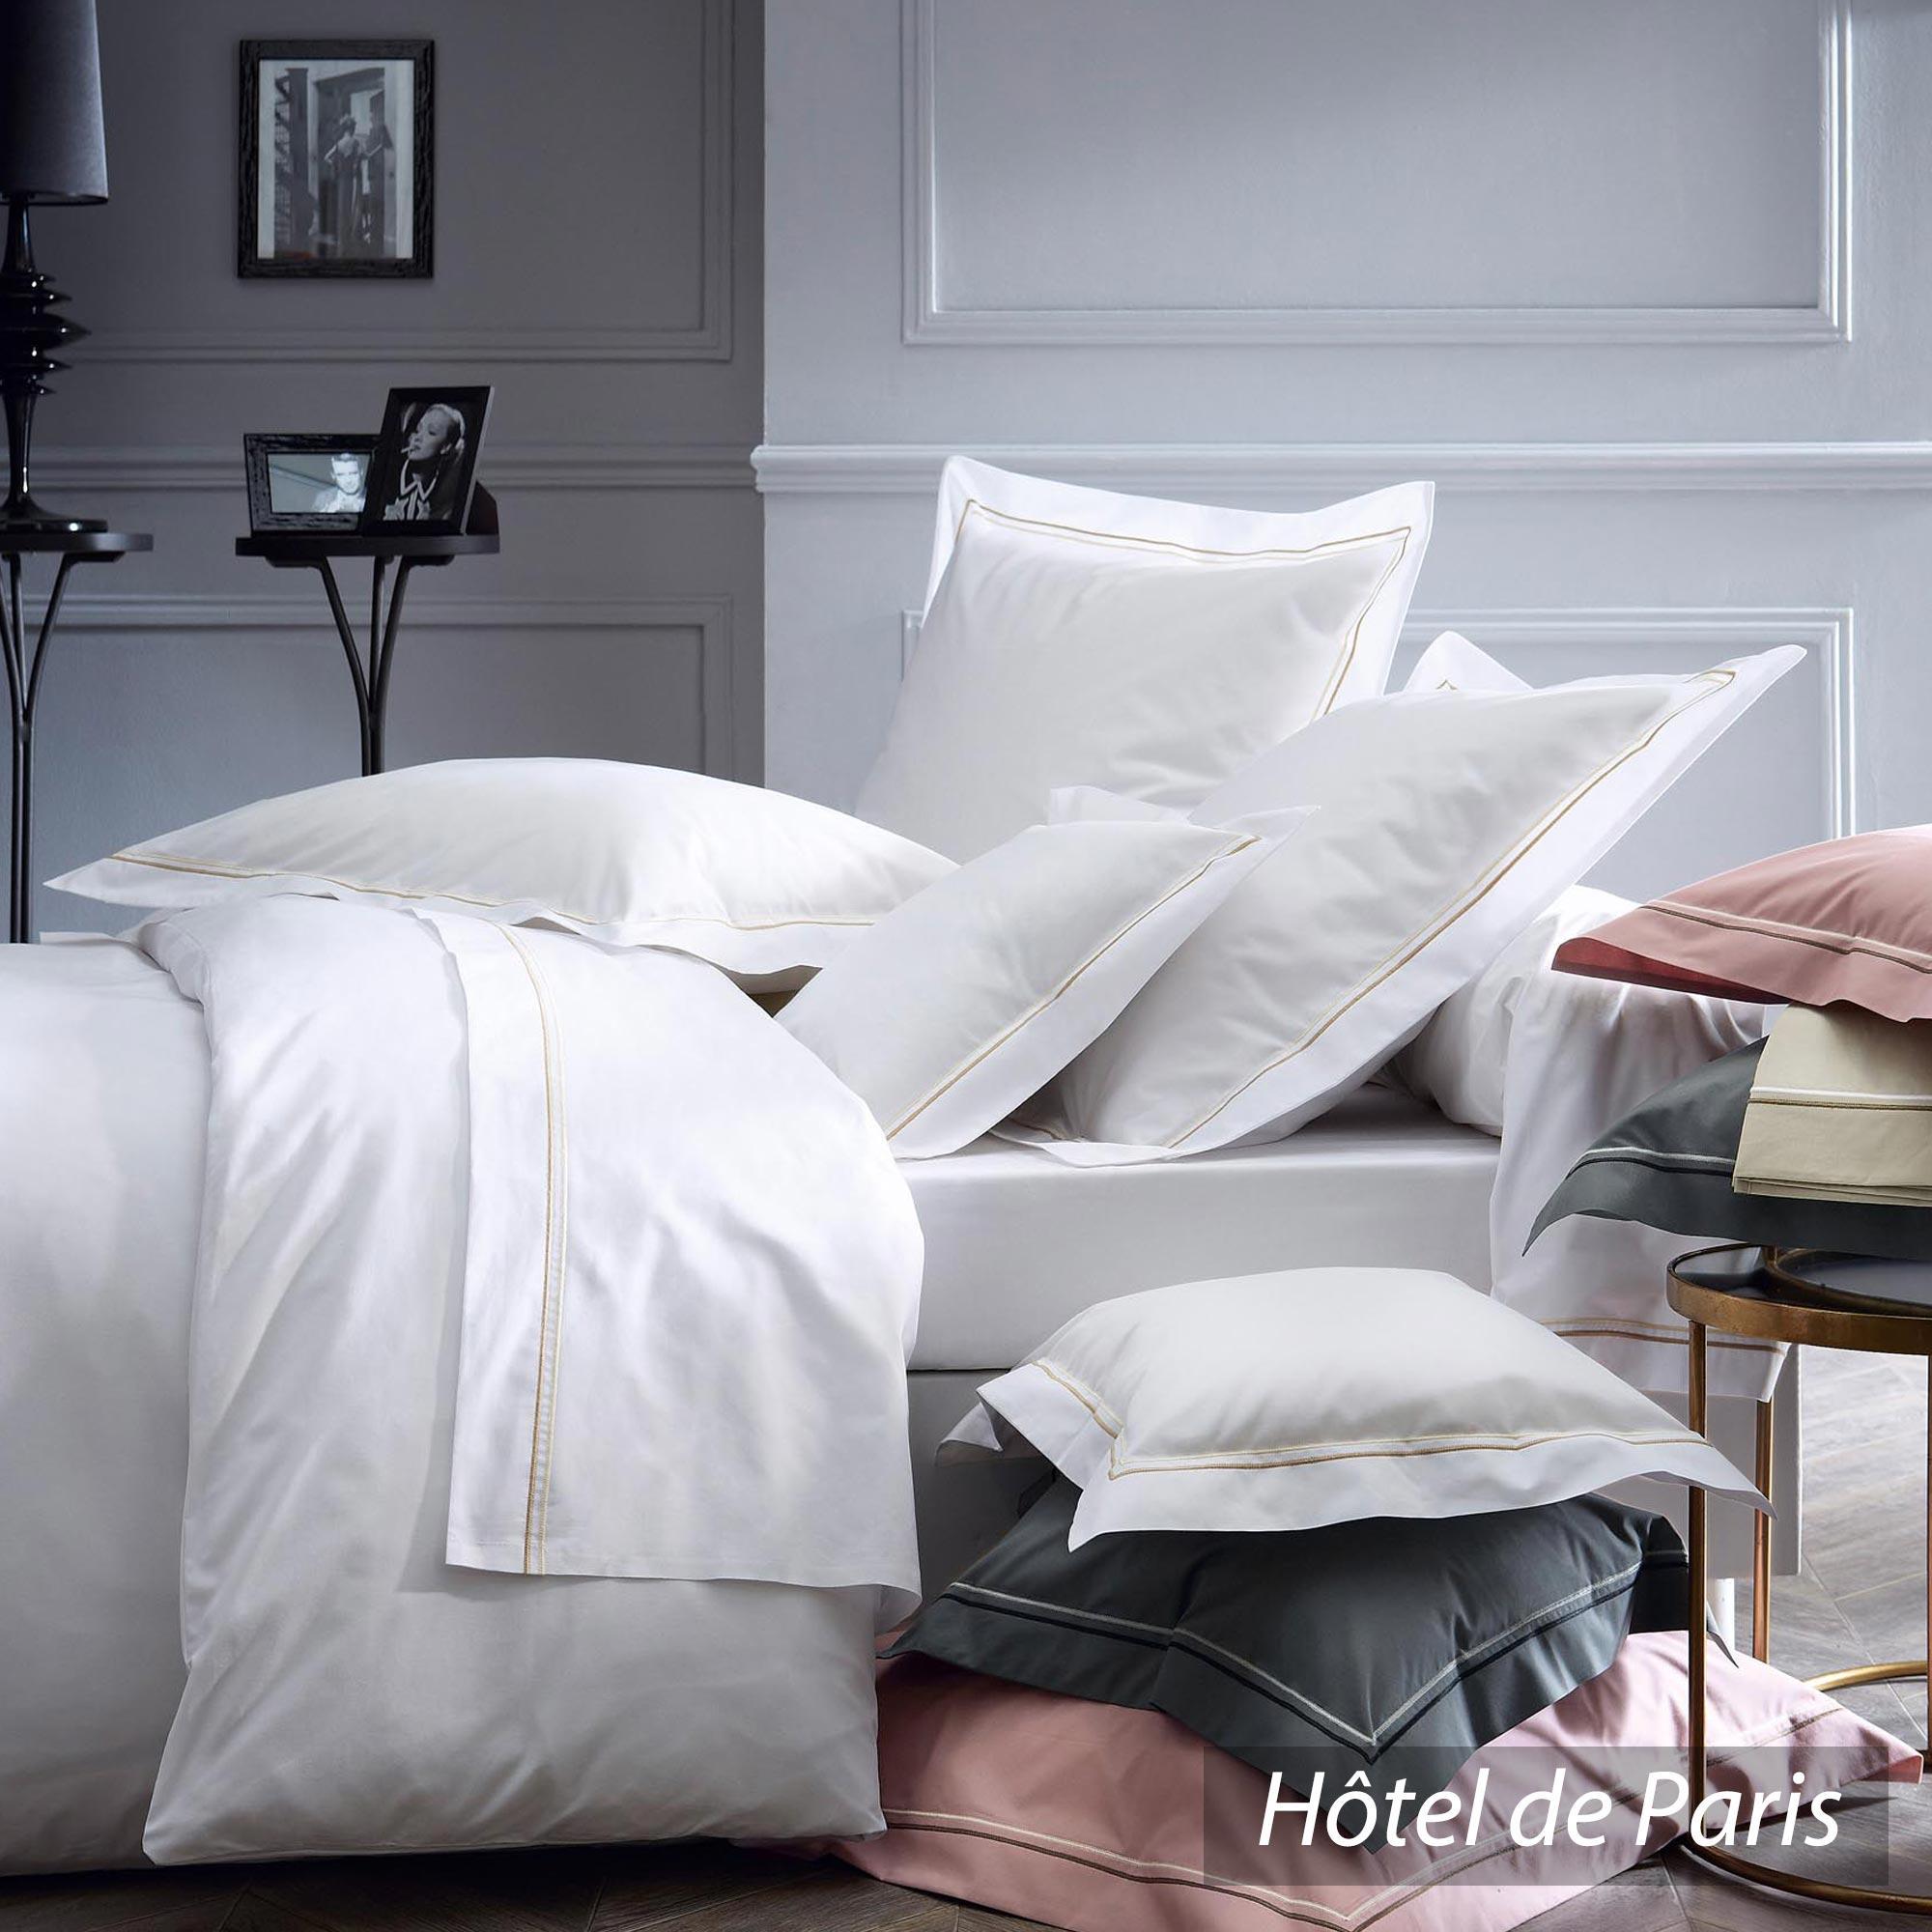 taie d 39 oreiller percale uni pur coton peign 40x40 cm hotel de paris quartz linnea vente de. Black Bedroom Furniture Sets. Home Design Ideas